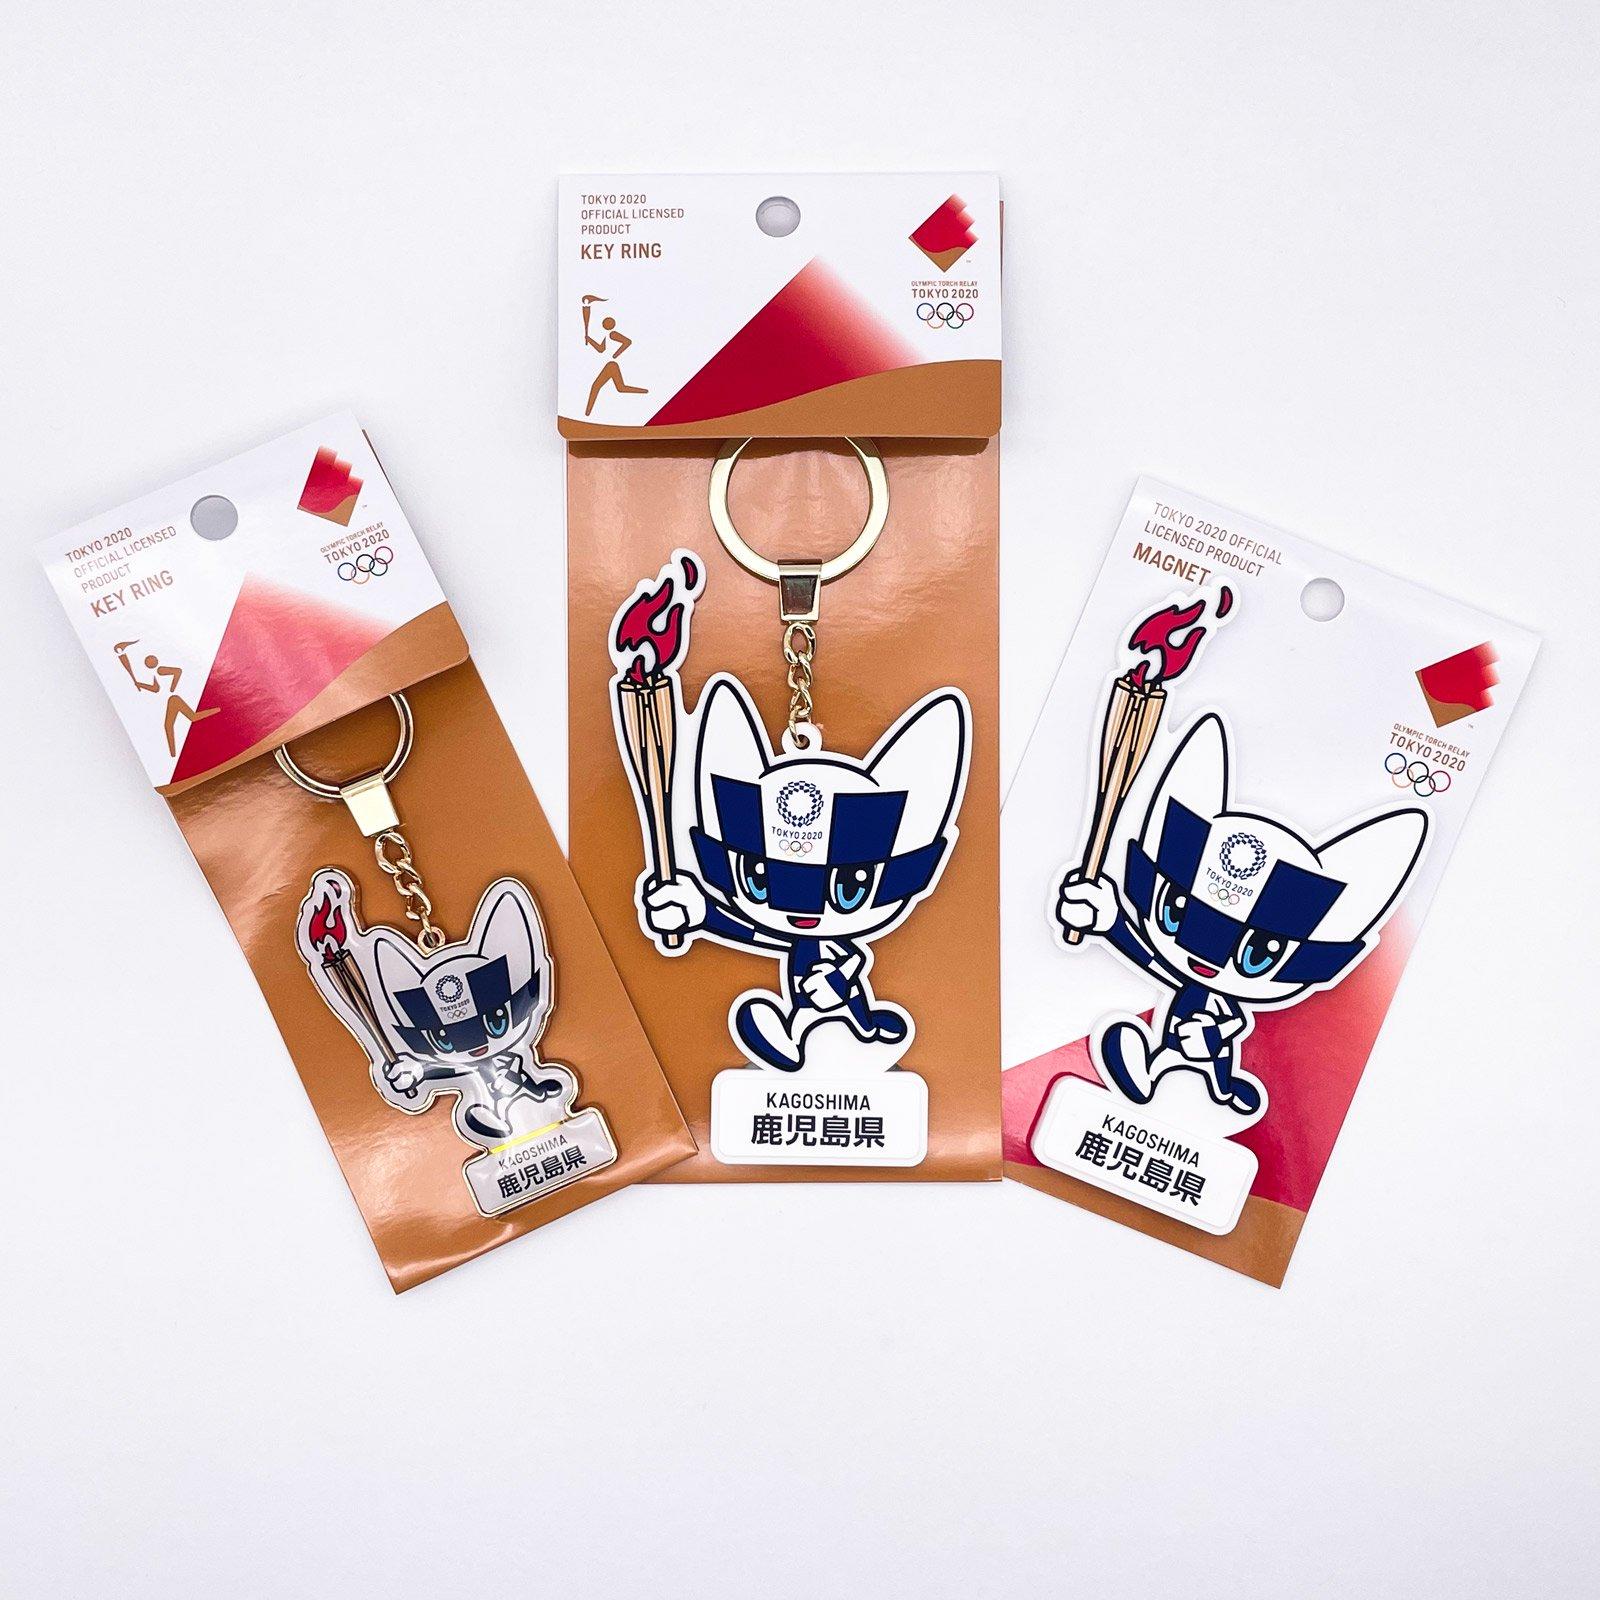 【セール価格】【お得なセット】東京2020オリンピック聖火リレーマスコット商品:鹿児島県セット